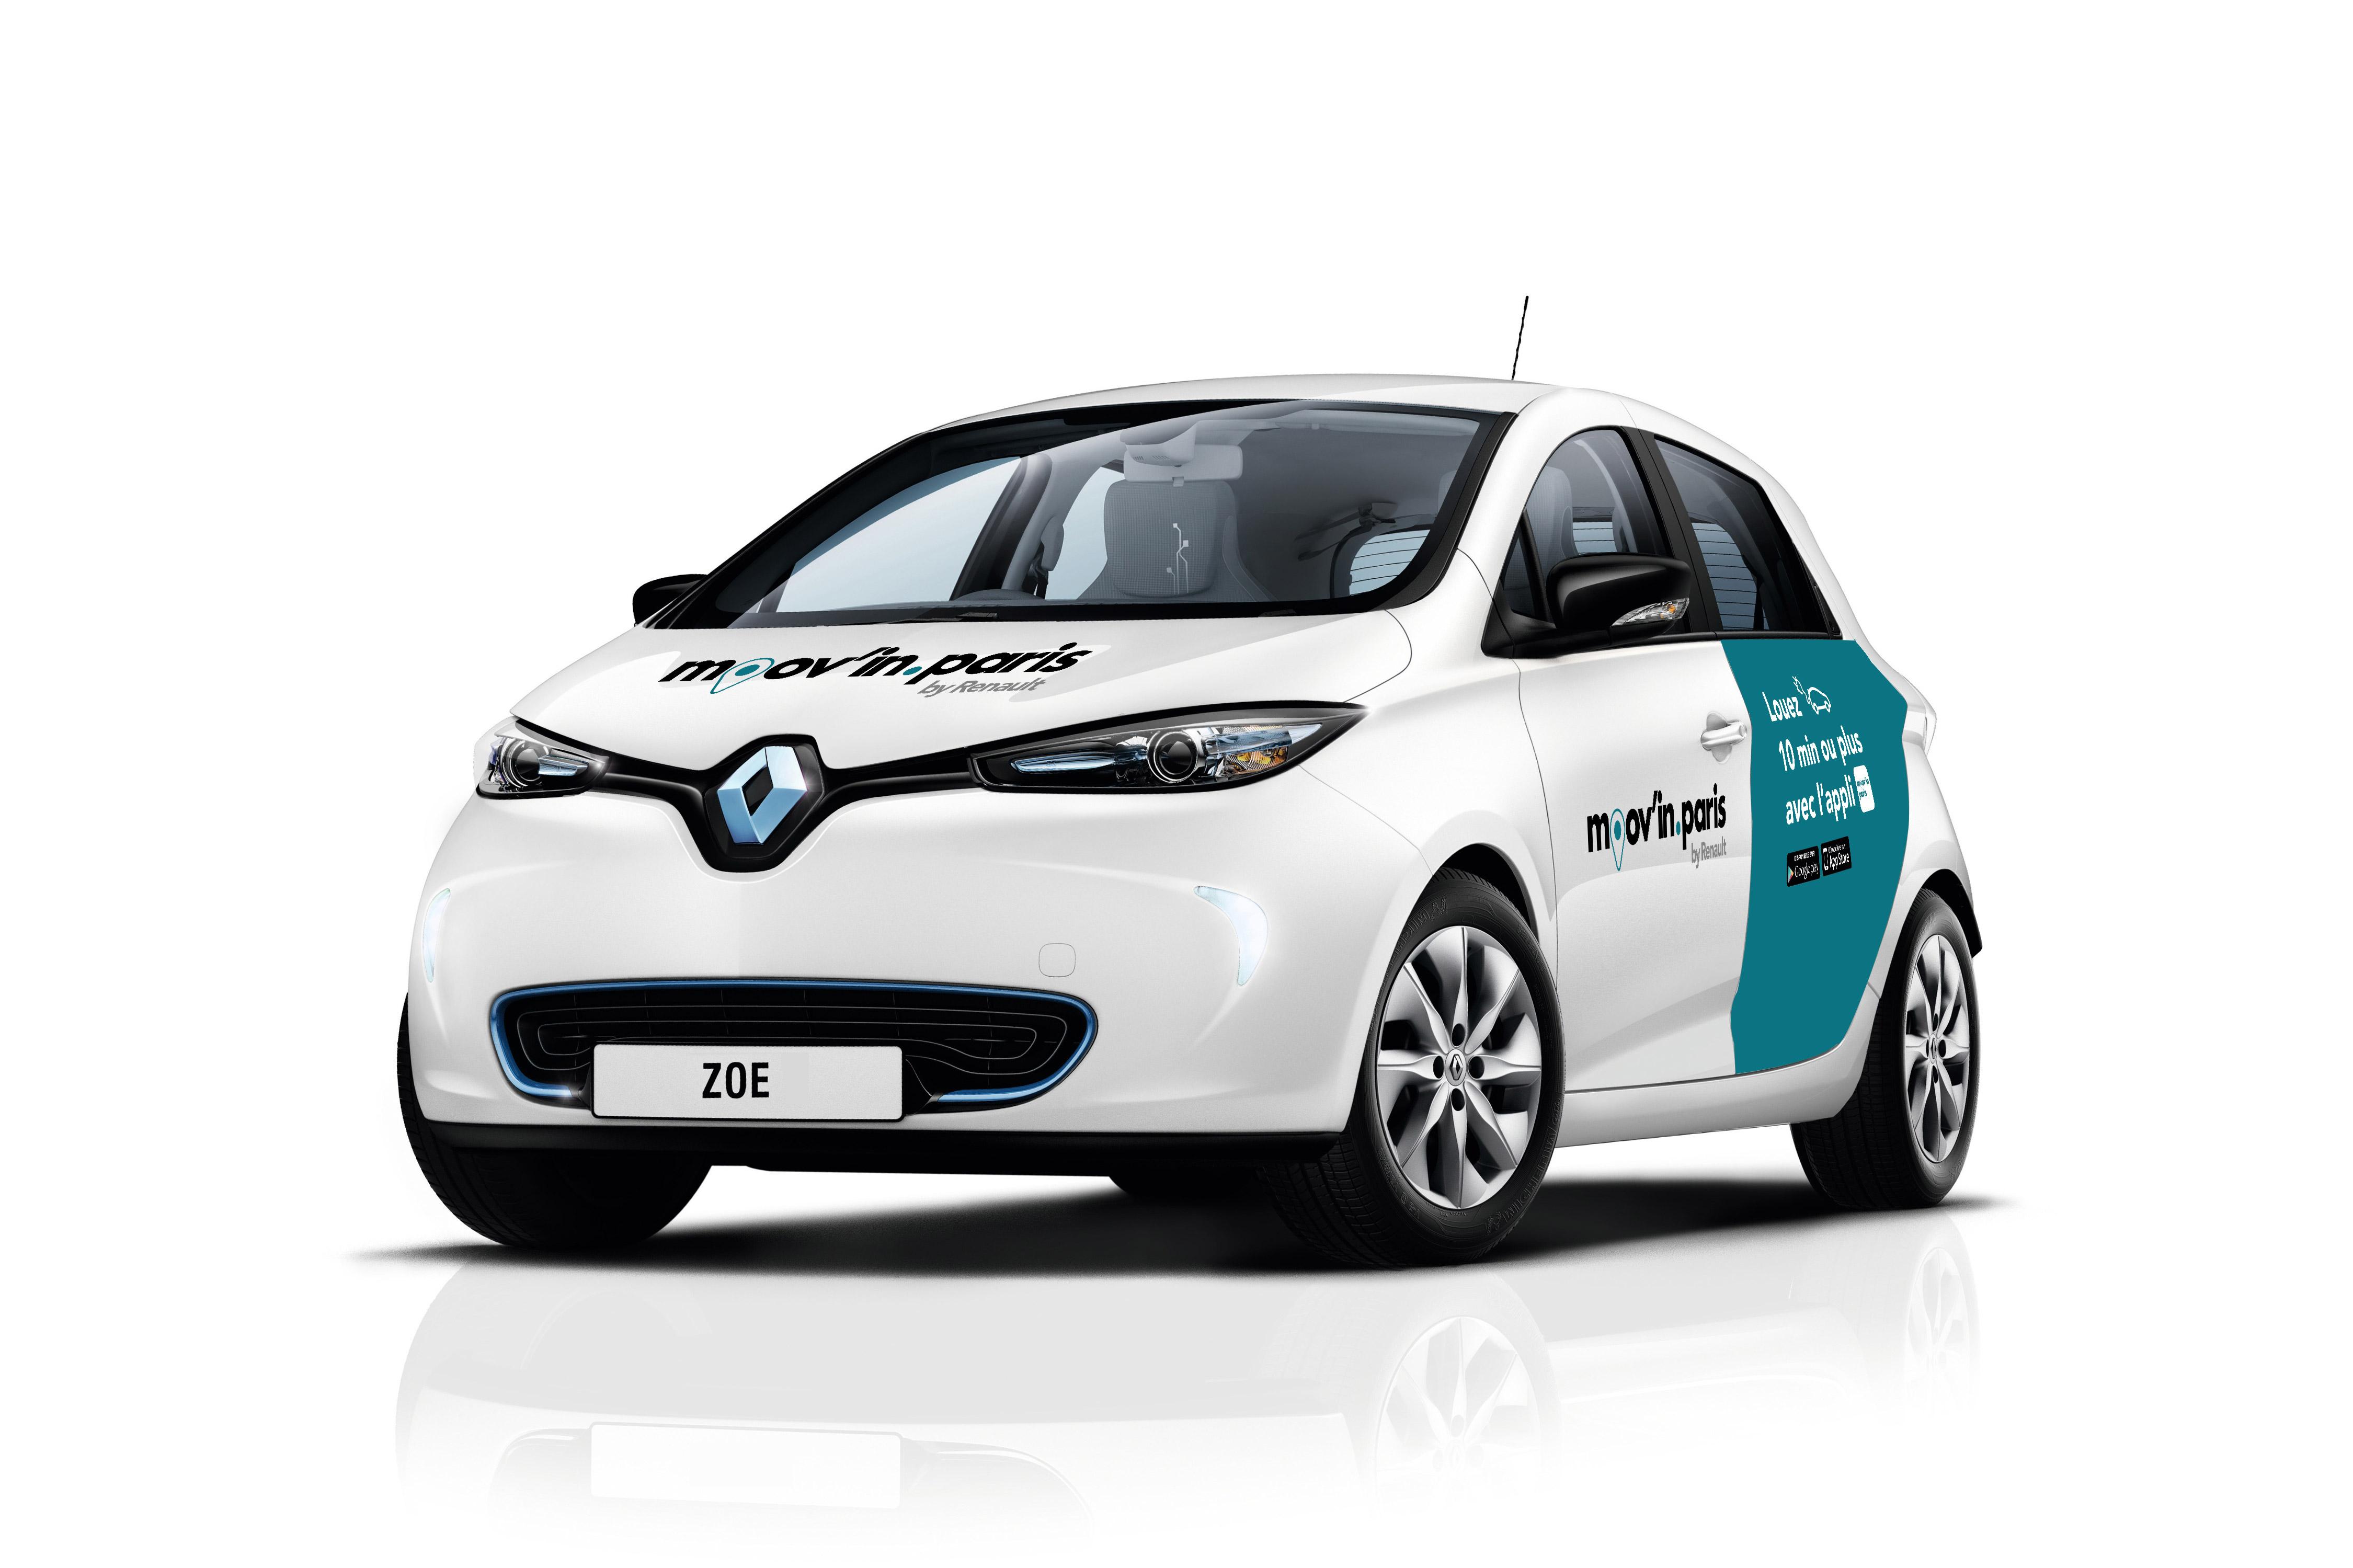 Voitures électriques En Autopartage Renault Lance Son